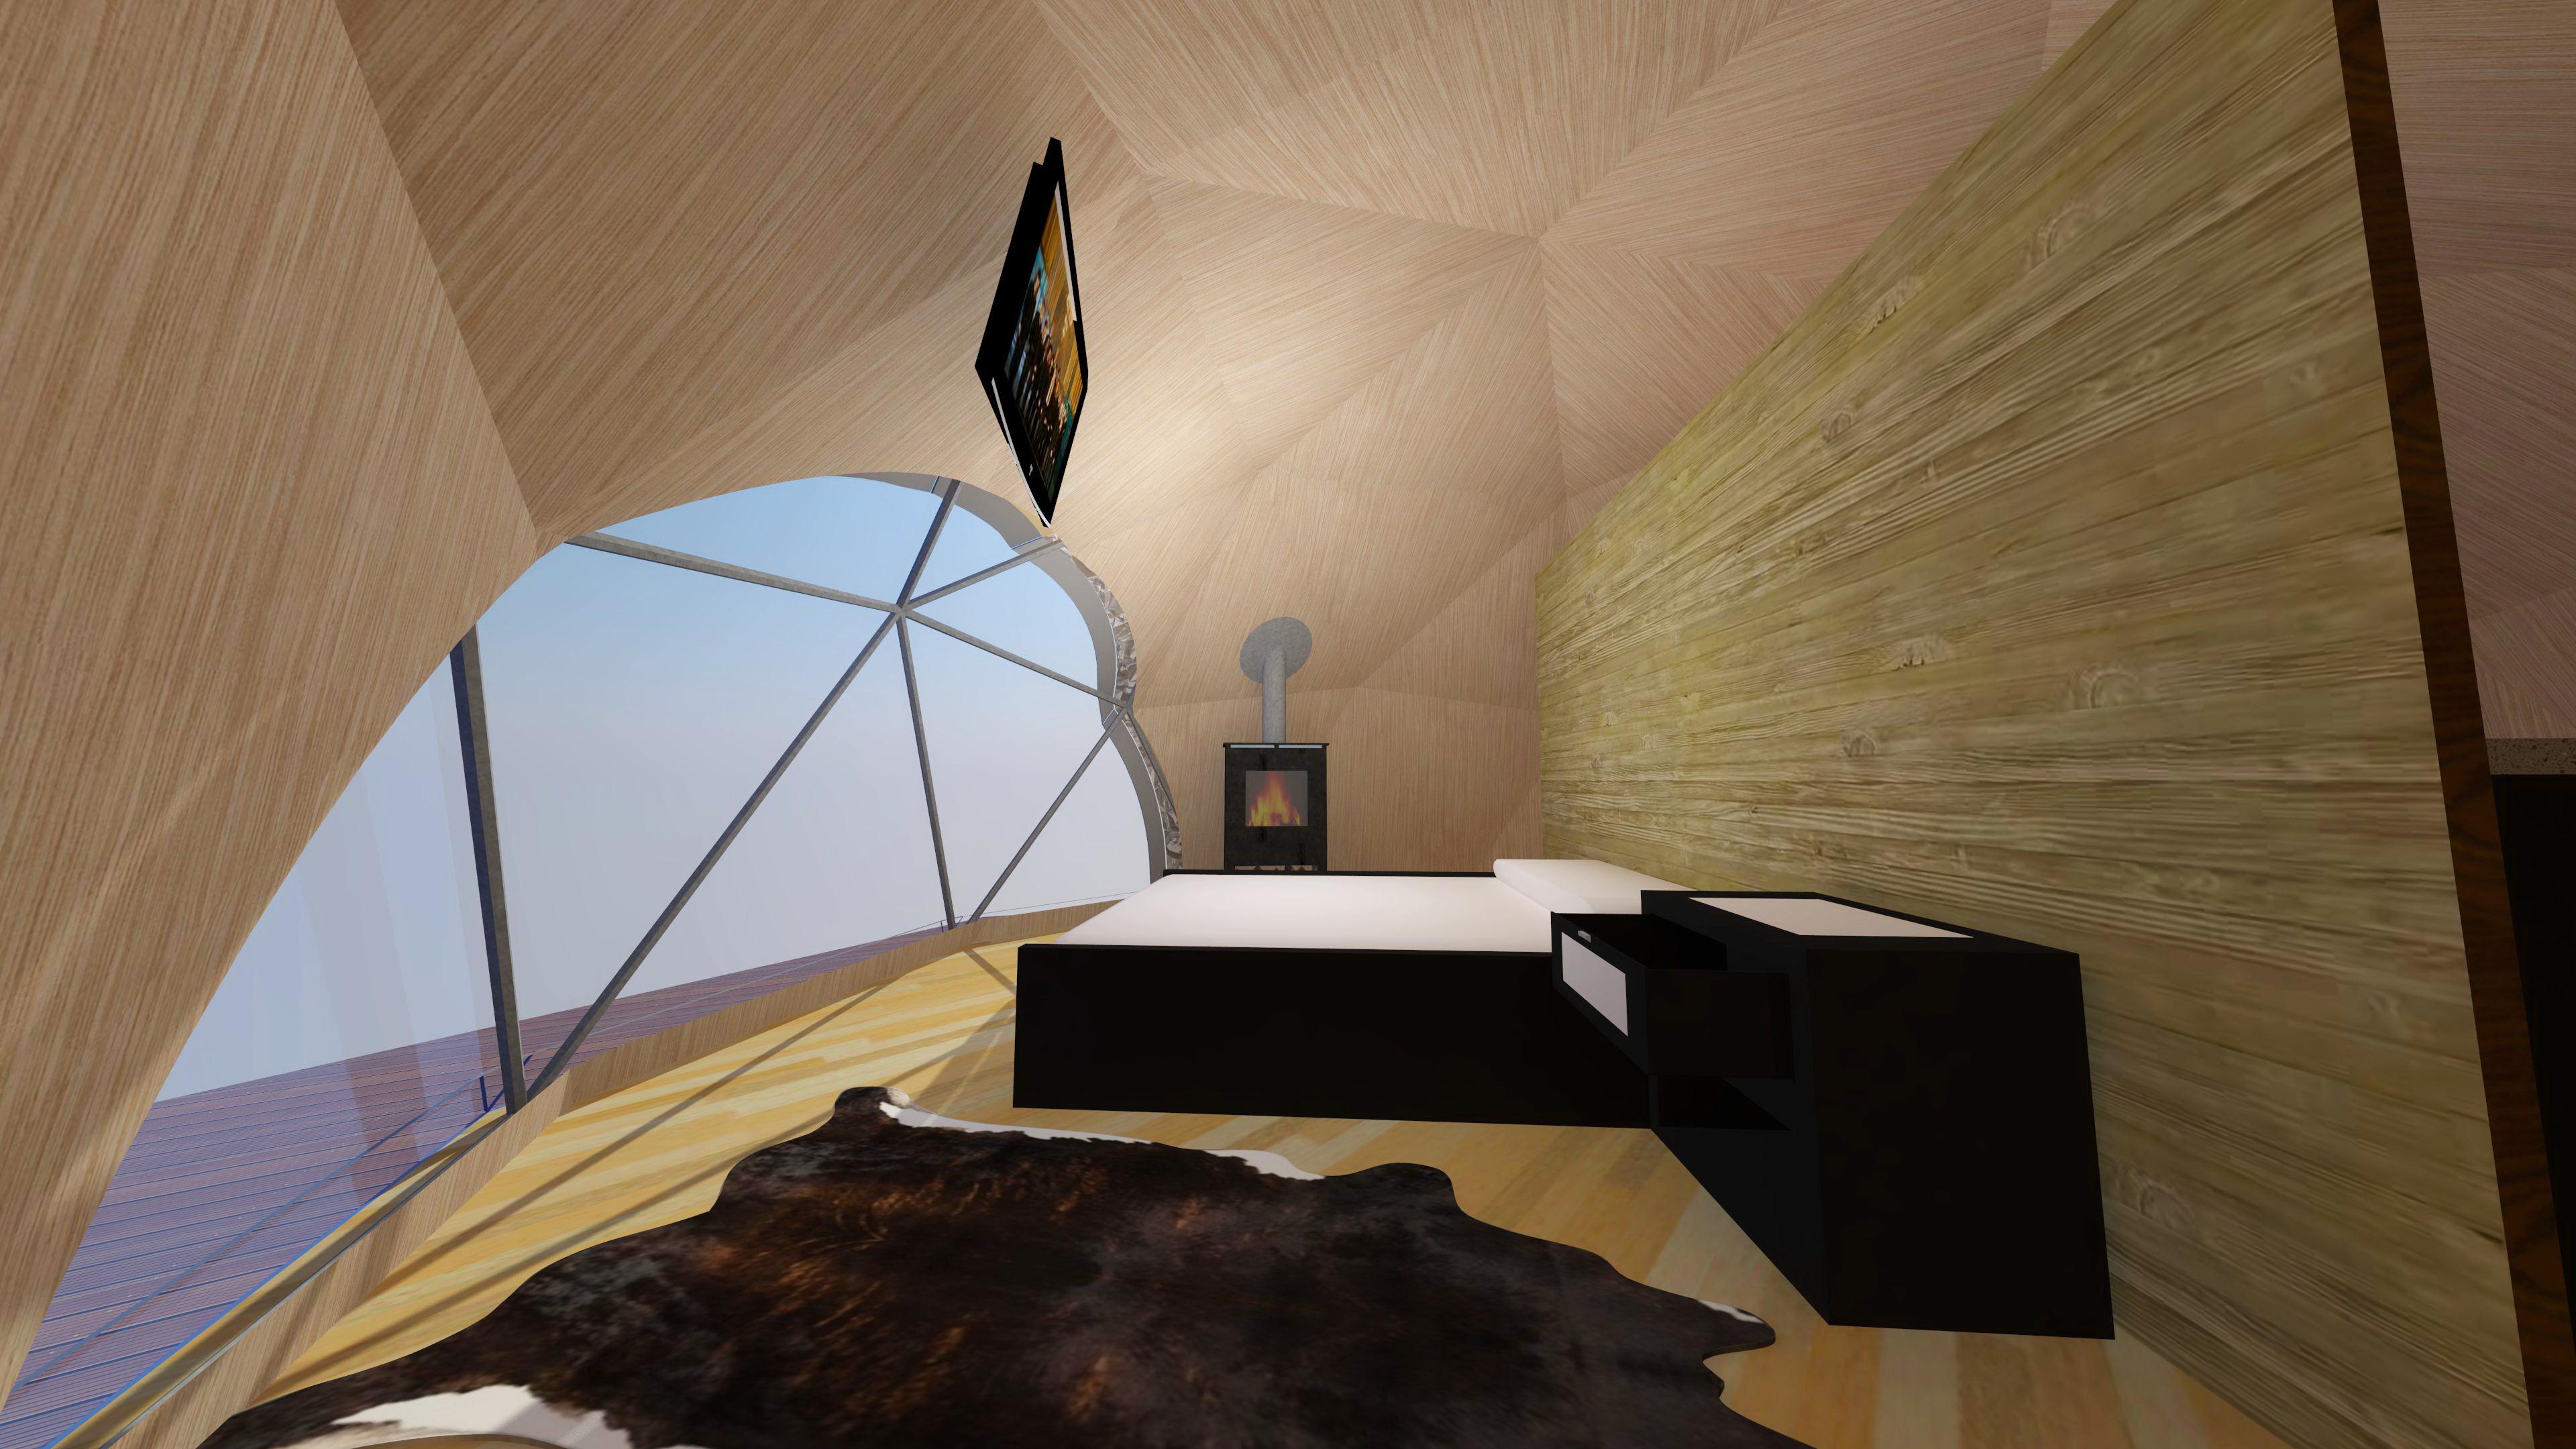 Domek Kulisty Całoroczny 28m2 Ø6m F2 z WC i Prysznicem | Glamping